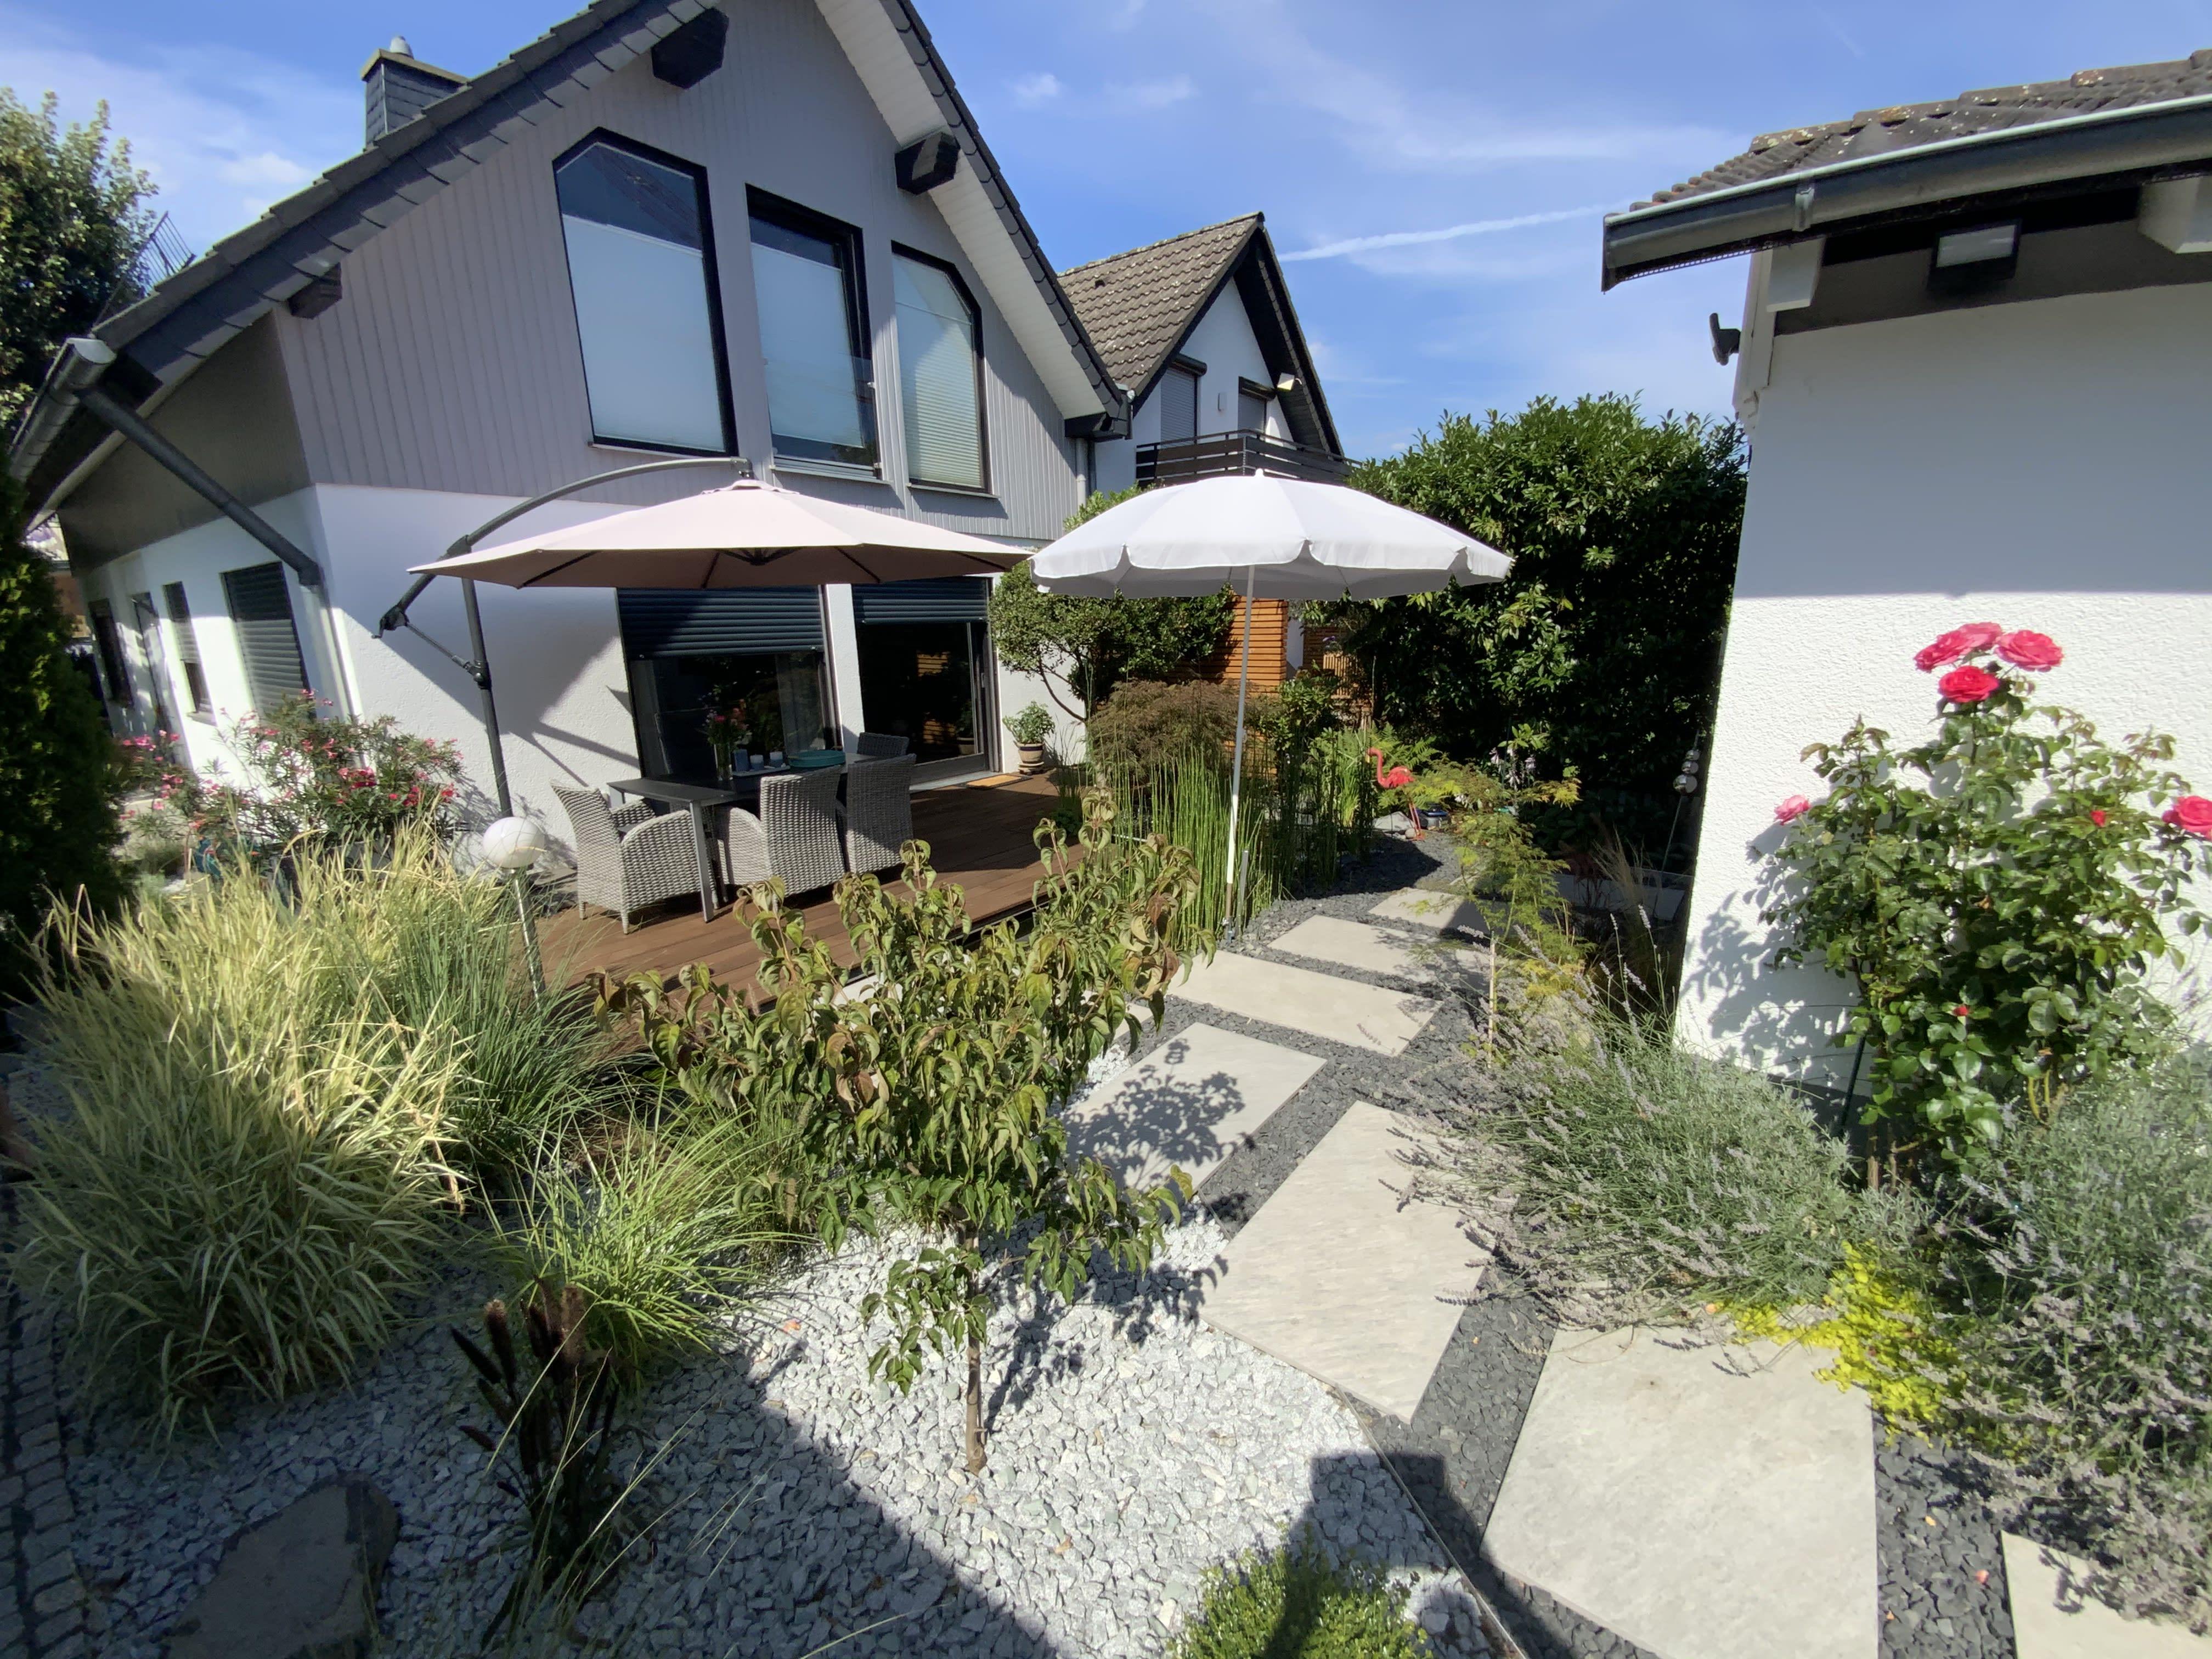 Garten mit Teich und Holzterrasse und Steinplatten Sicht auf Haus